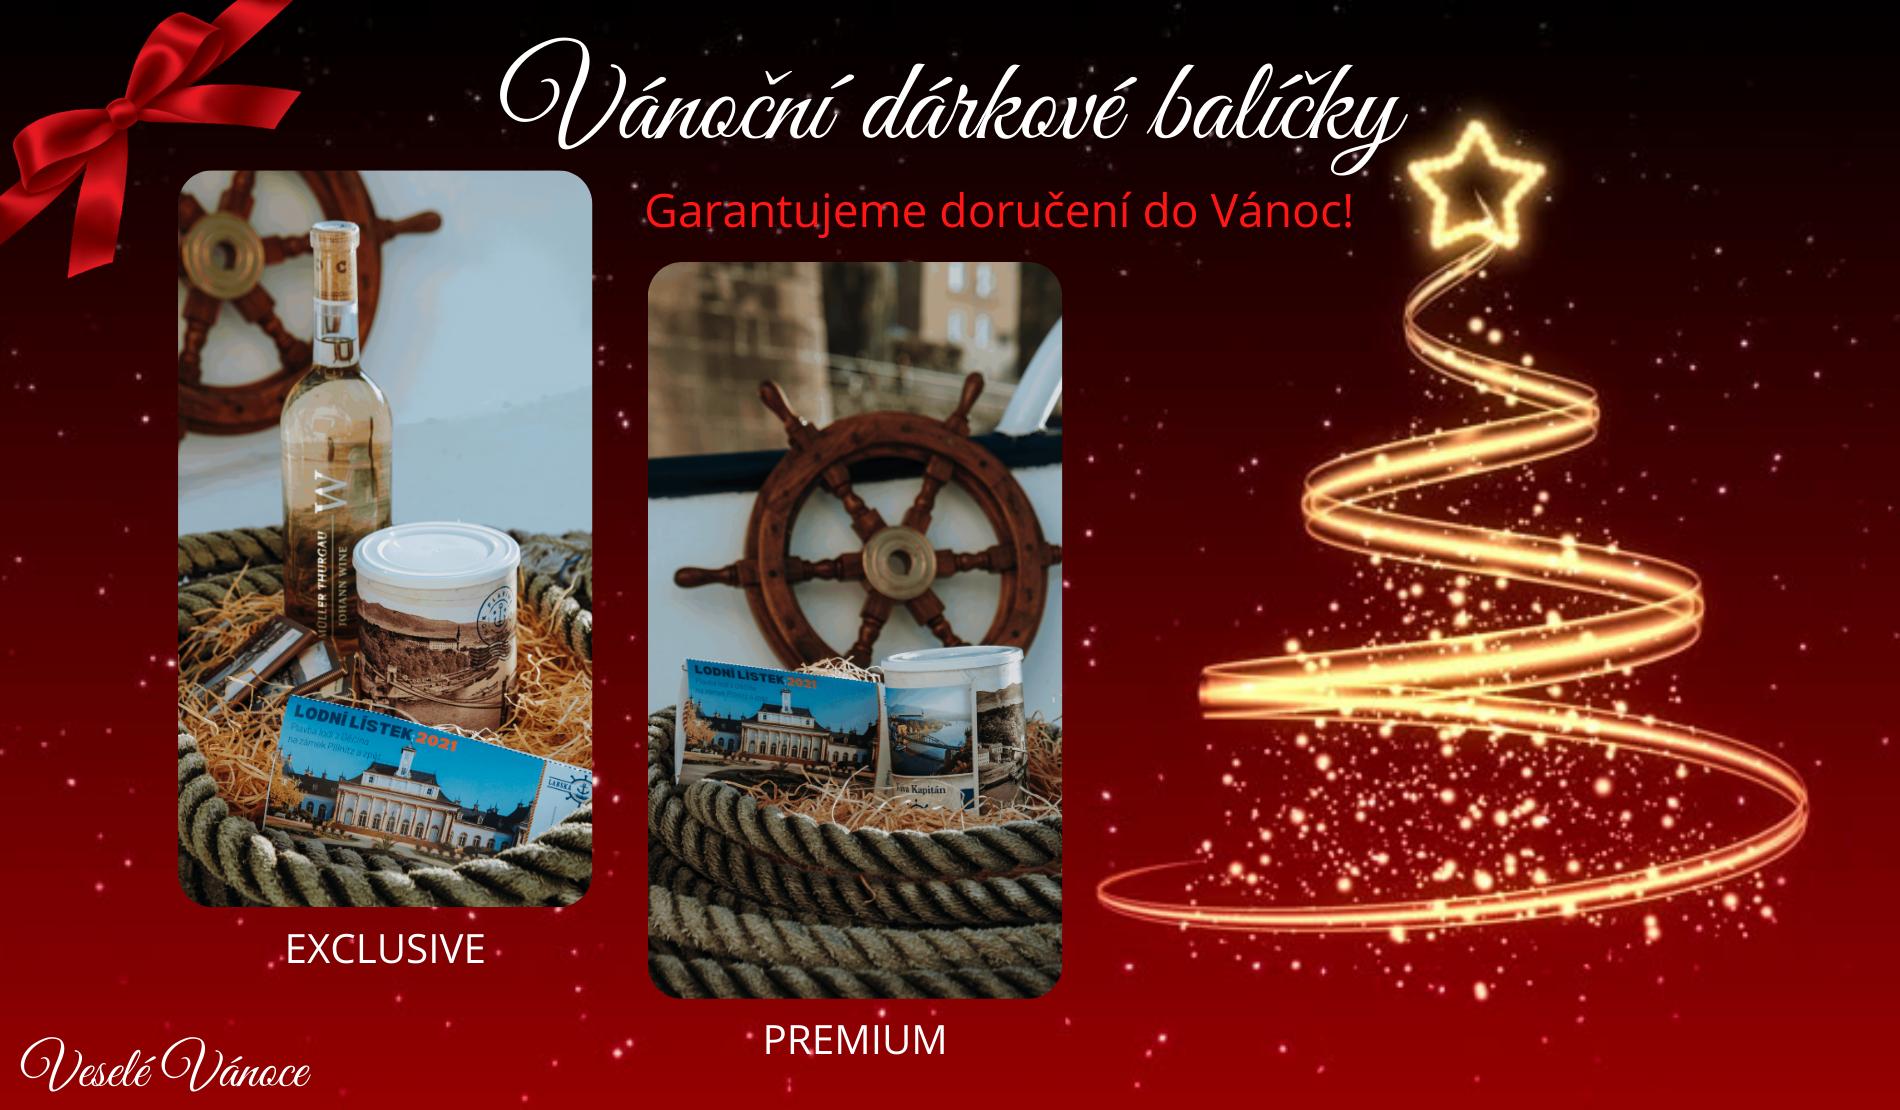 Vánoční dárkové balíčky Premium a Exclusive